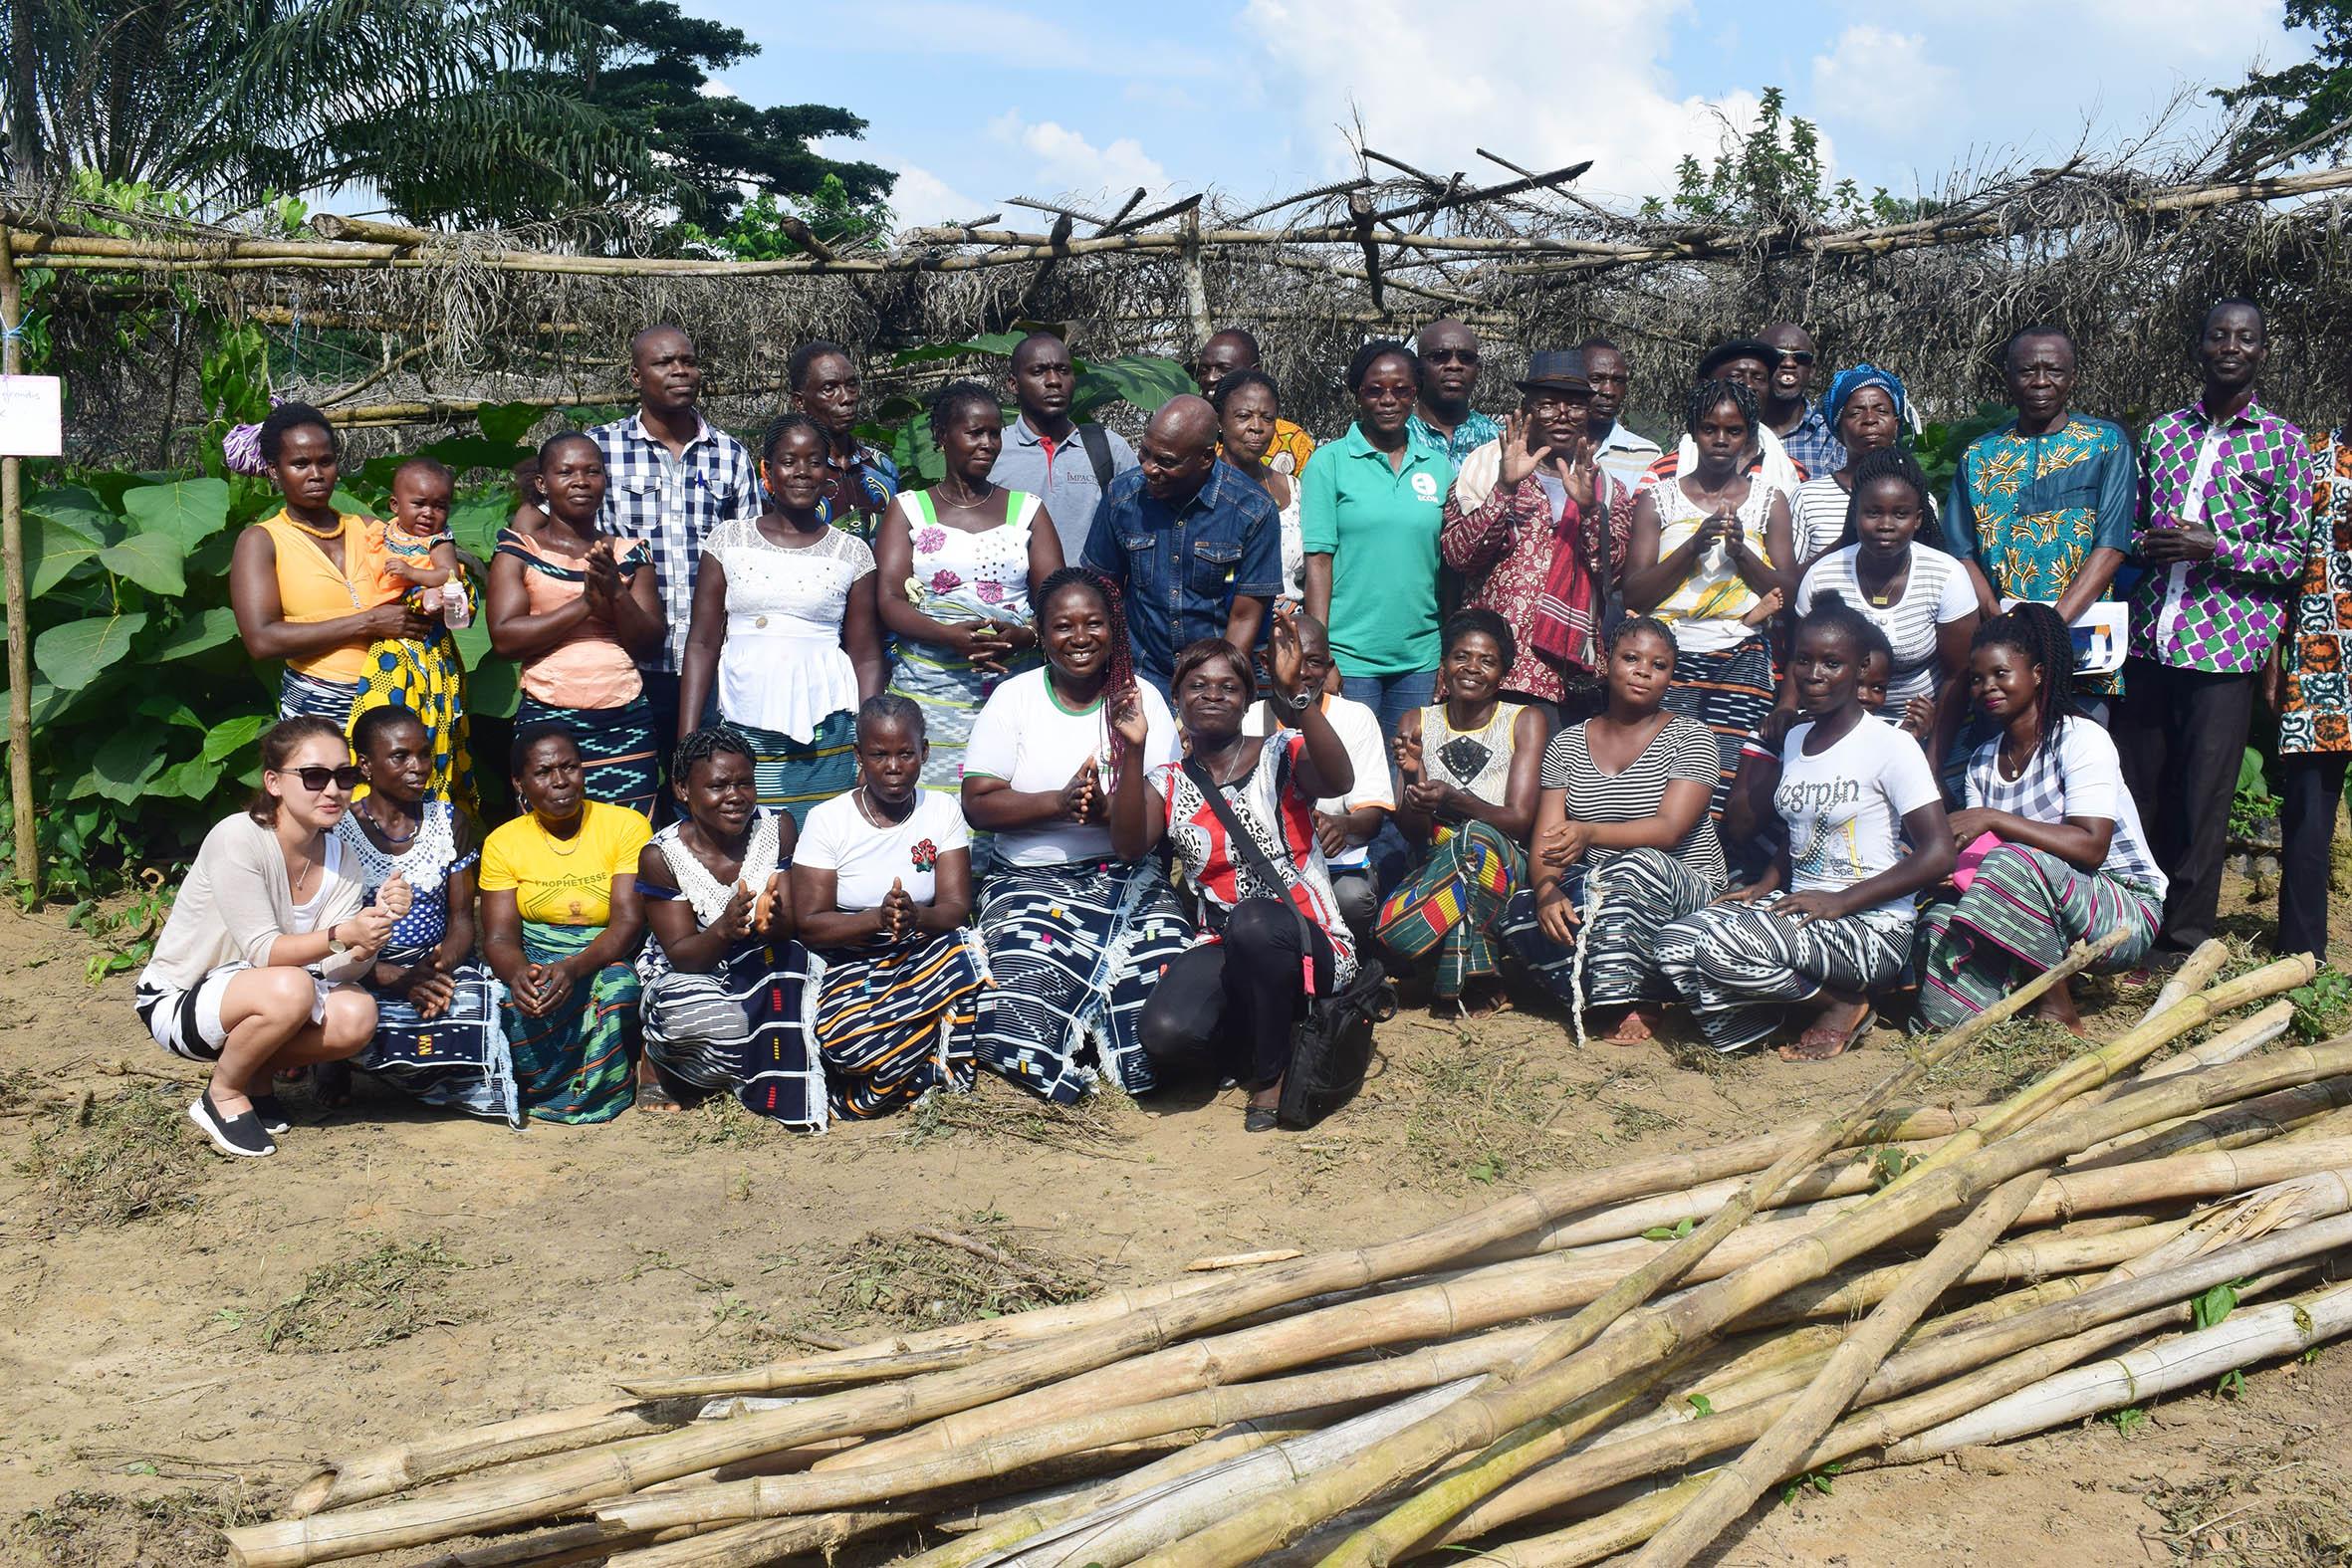 Lutte contre la déforestation : Programme de réduction des émissions de gaz à effet de serre autour du Parc National de TAI : La Côte d'Ivoire signe son premier contrat d'Achat des Crédits de Réduction des Emissions